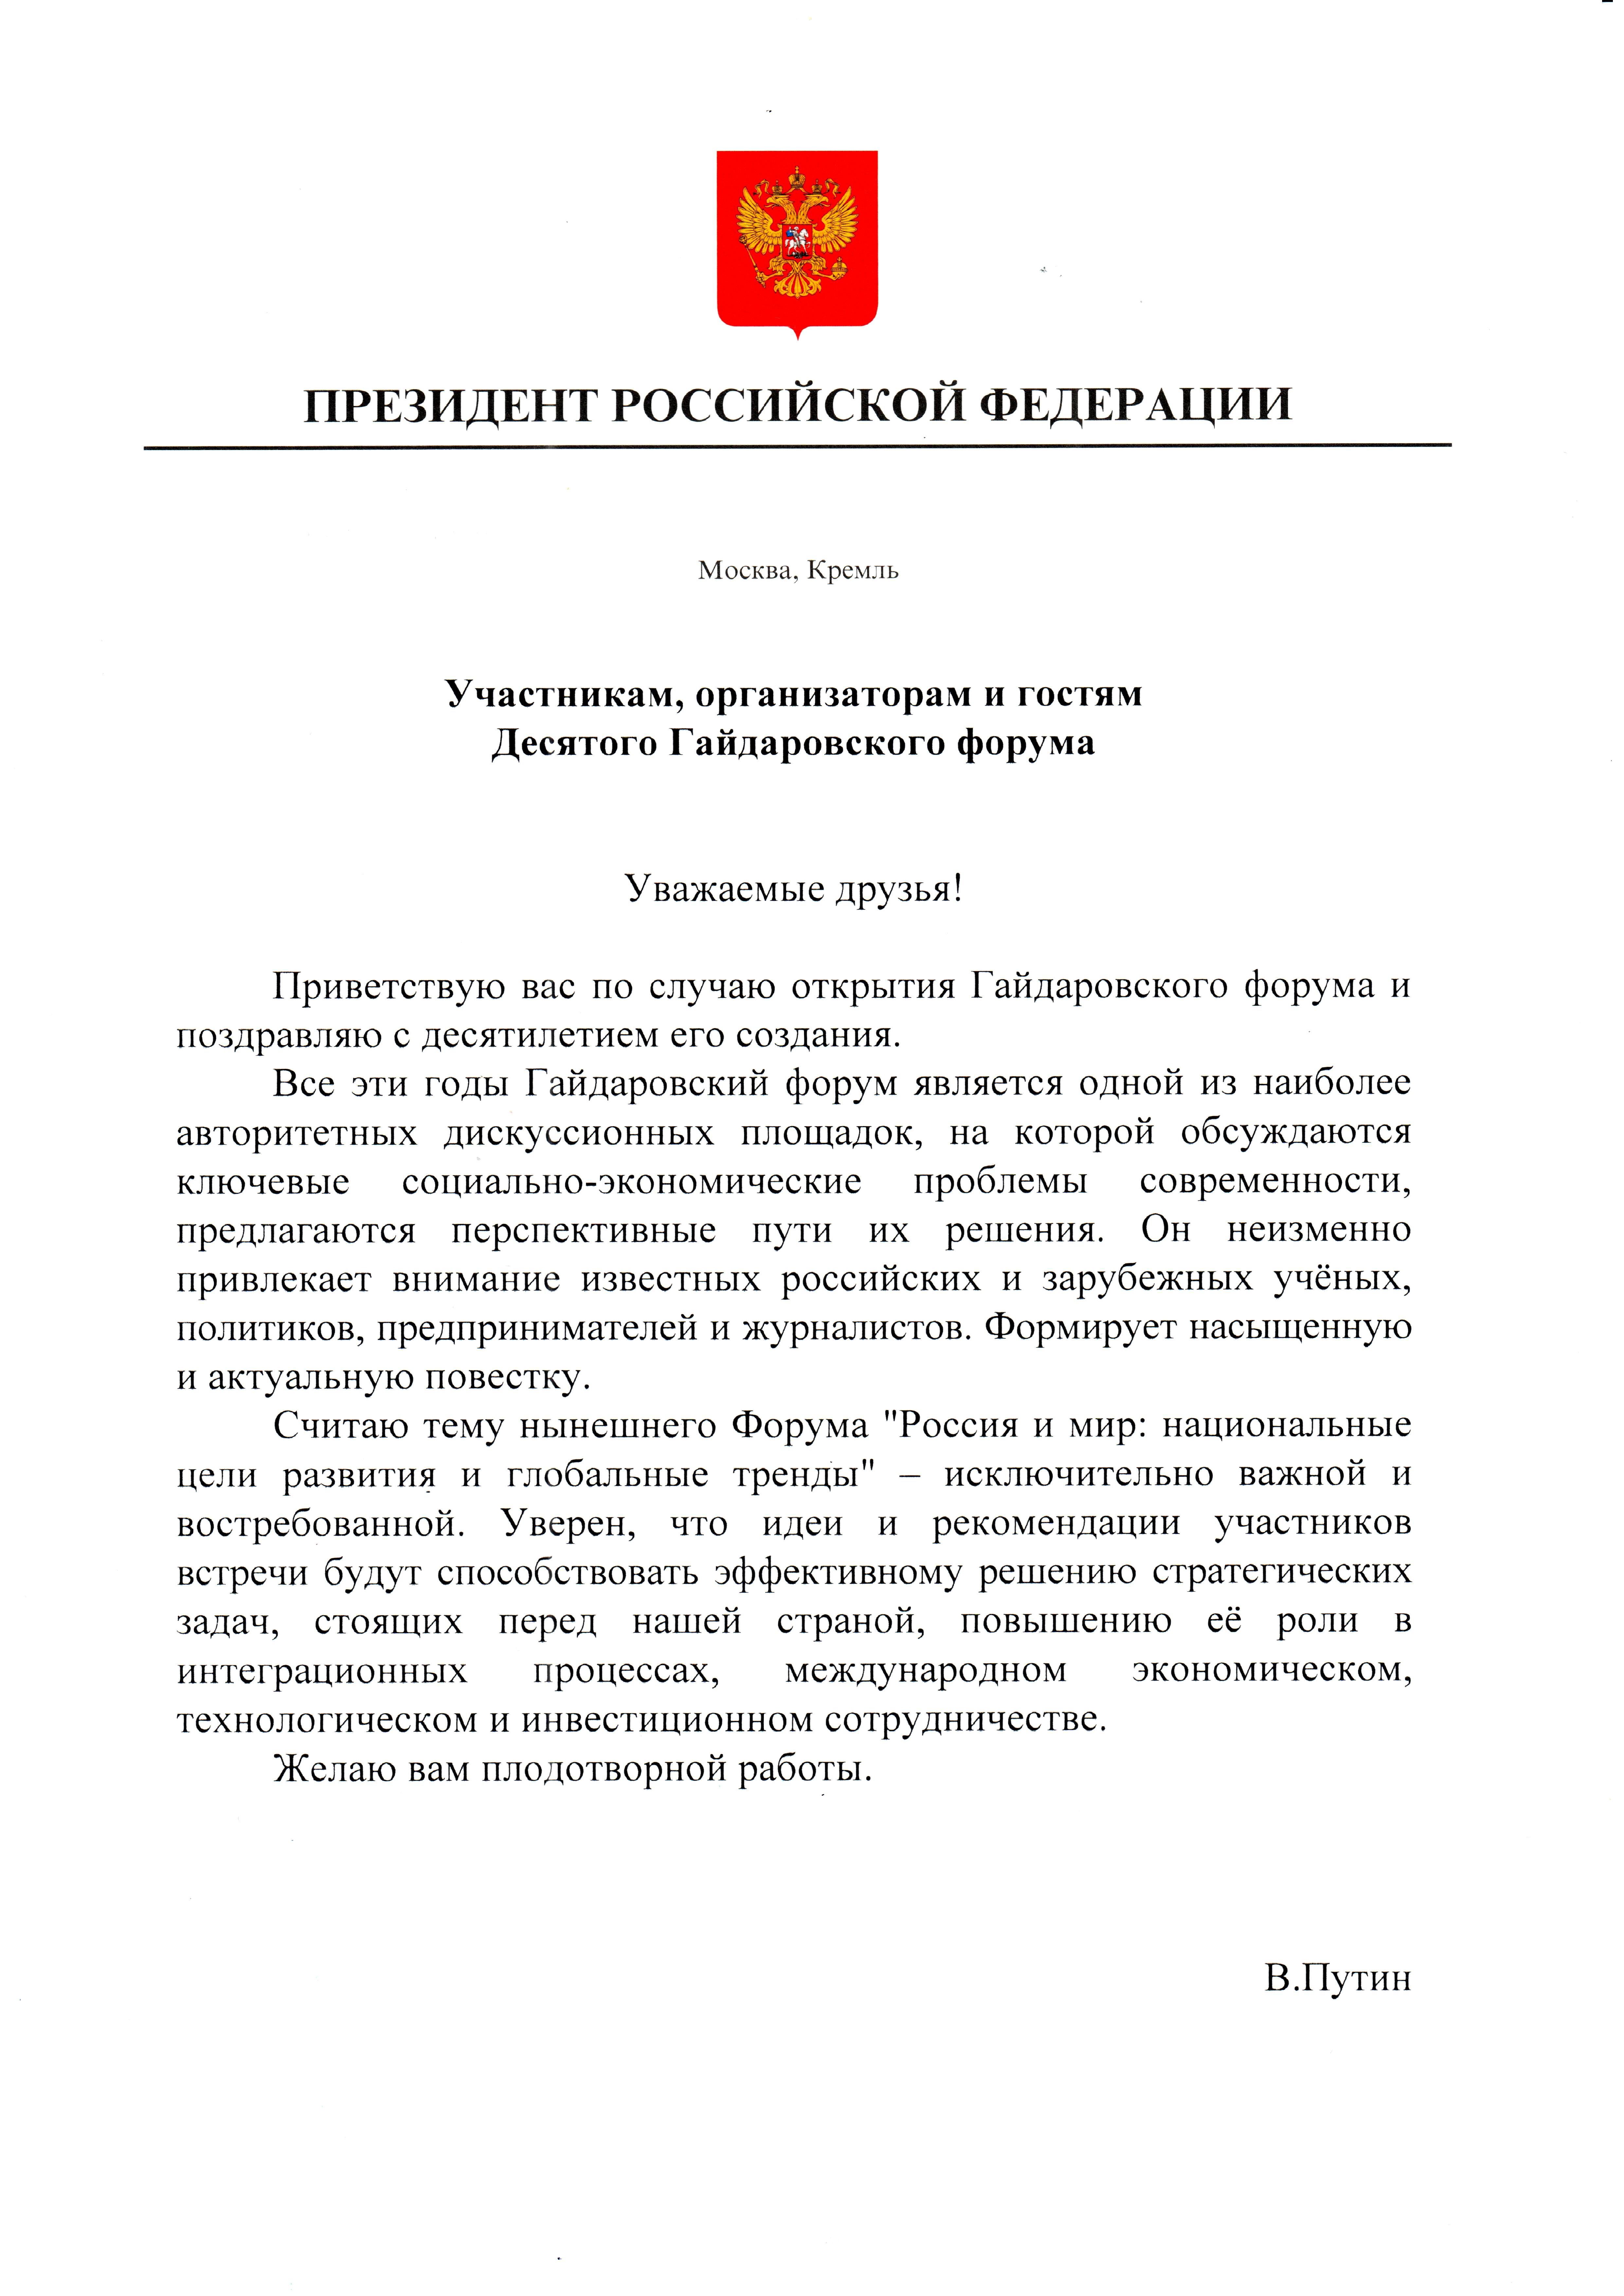 Приветствие Владимира Путина участникам, организаторам и гостям X Гайдаровского форума